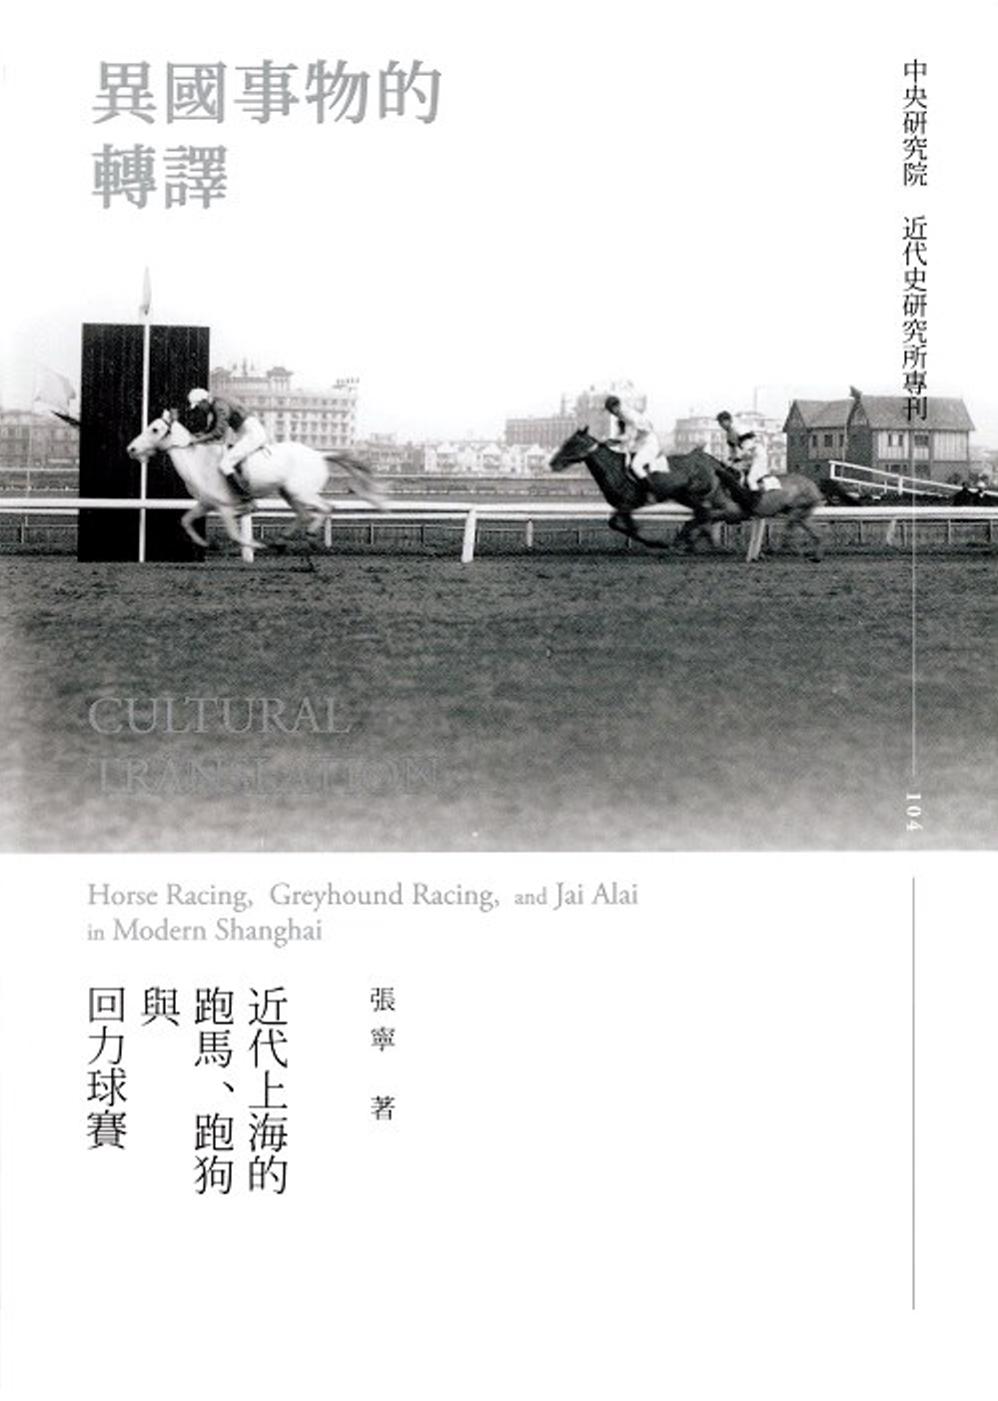 異國事物的轉譯:近代上海的跑馬、跑狗與回力球賽[精裝]